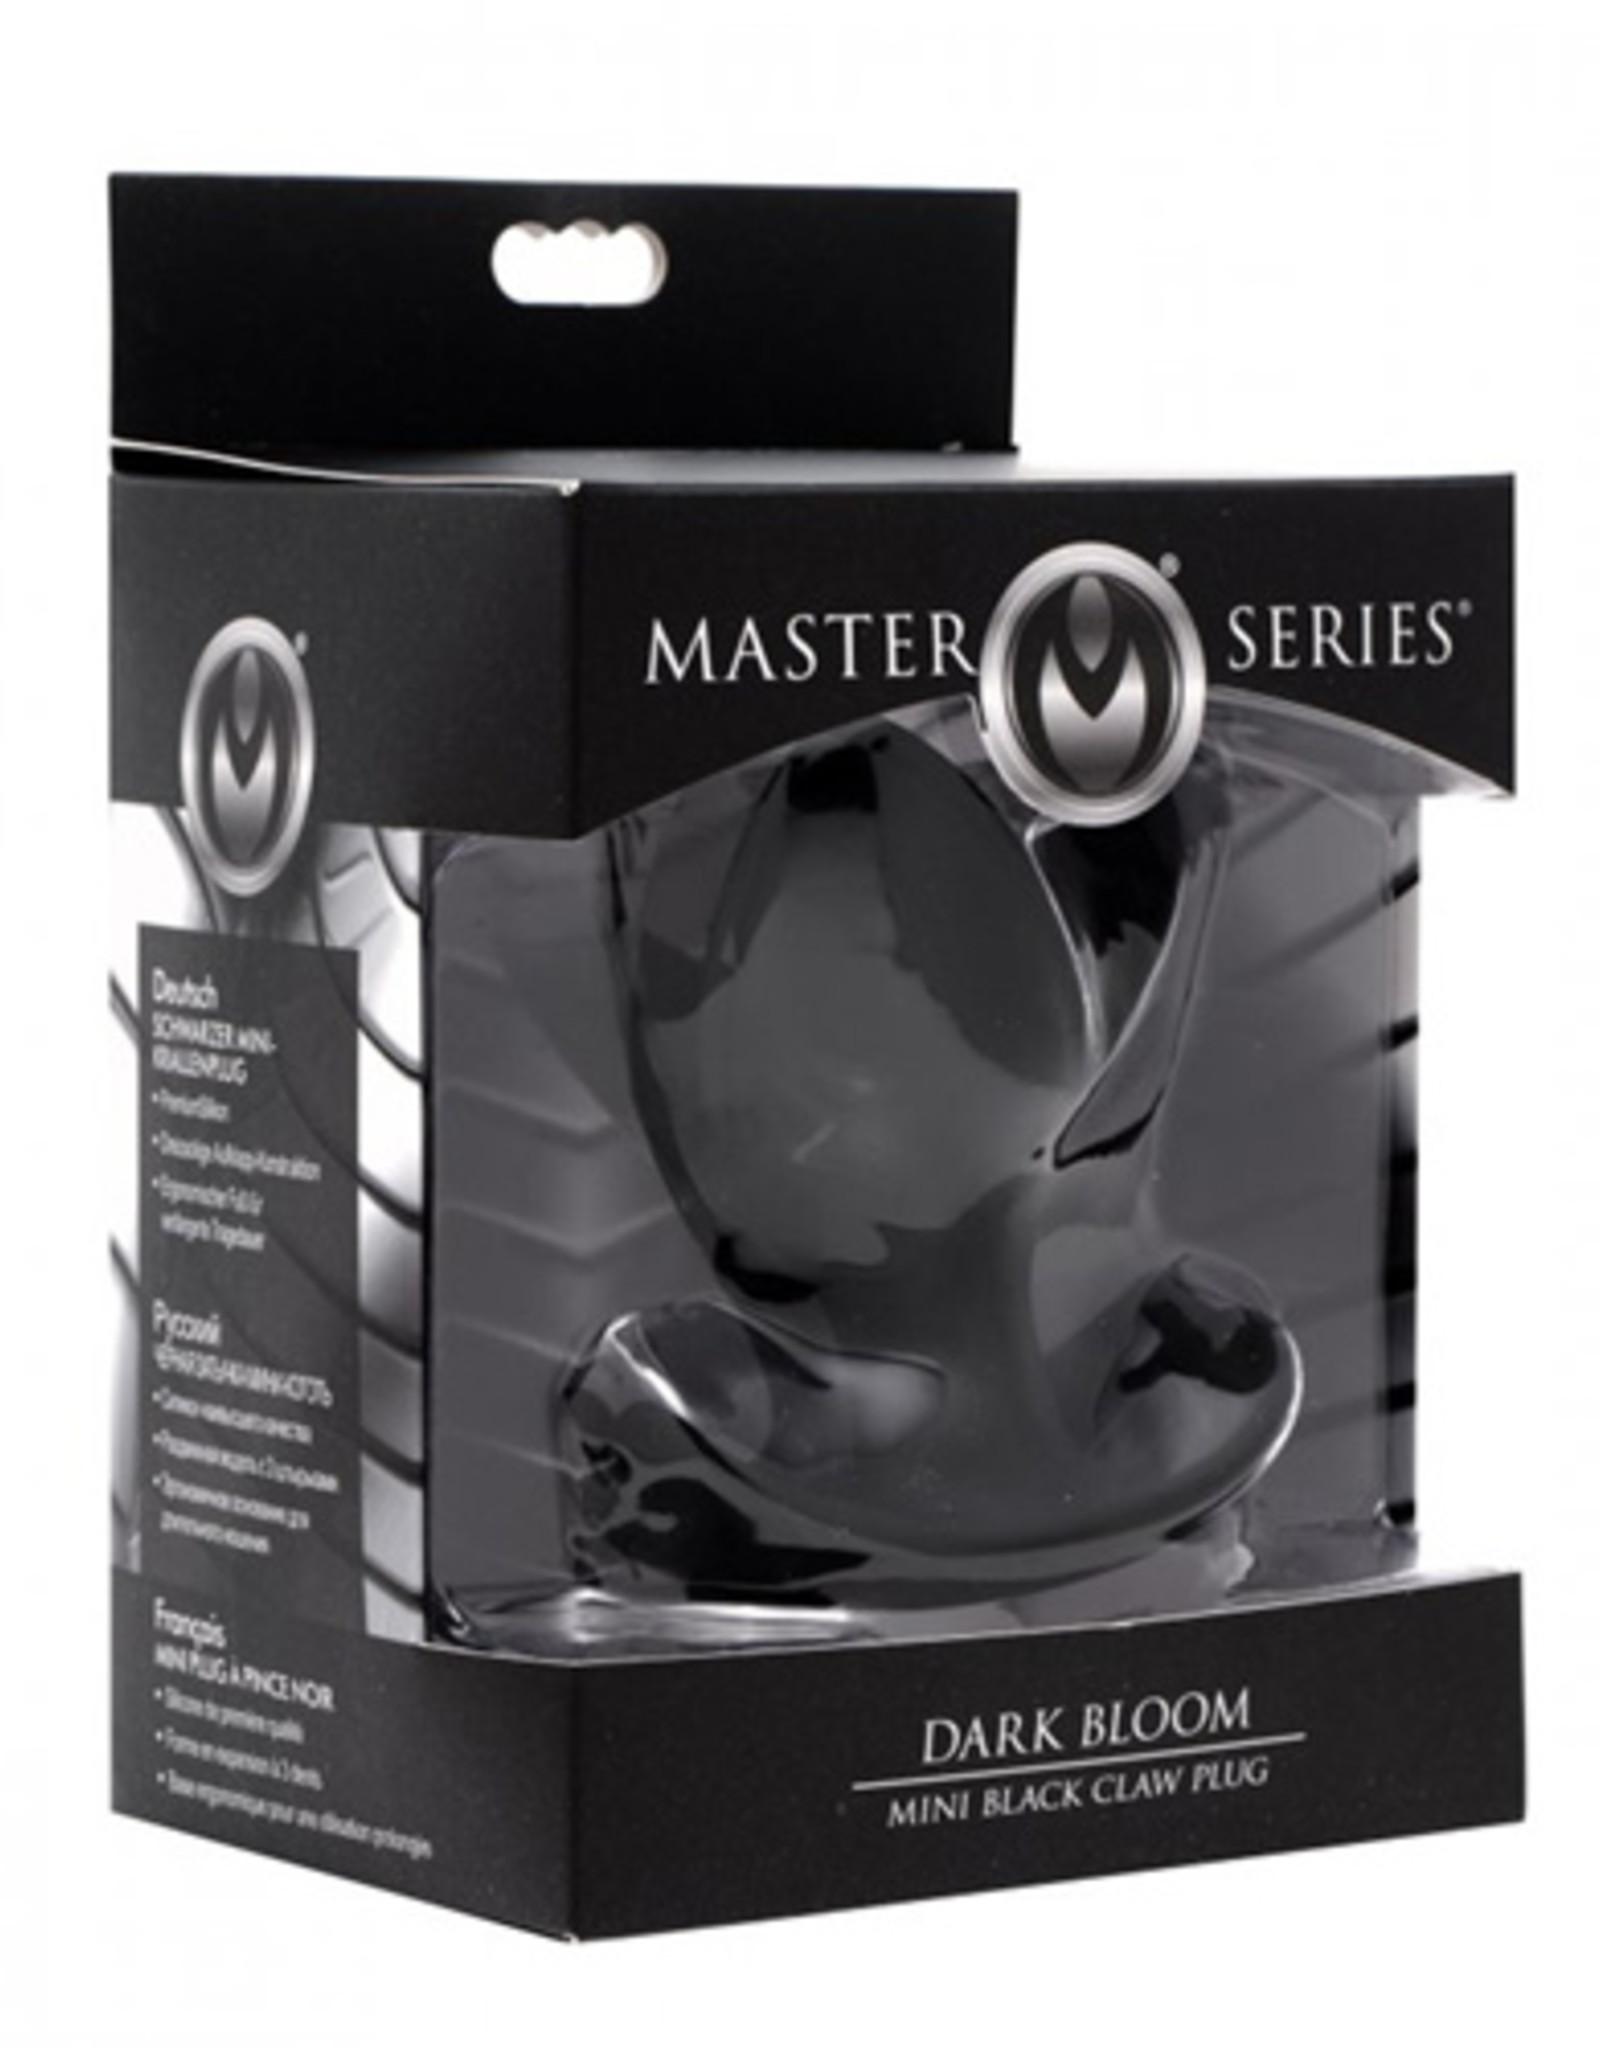 Master Series Dark Bloom Buttplug